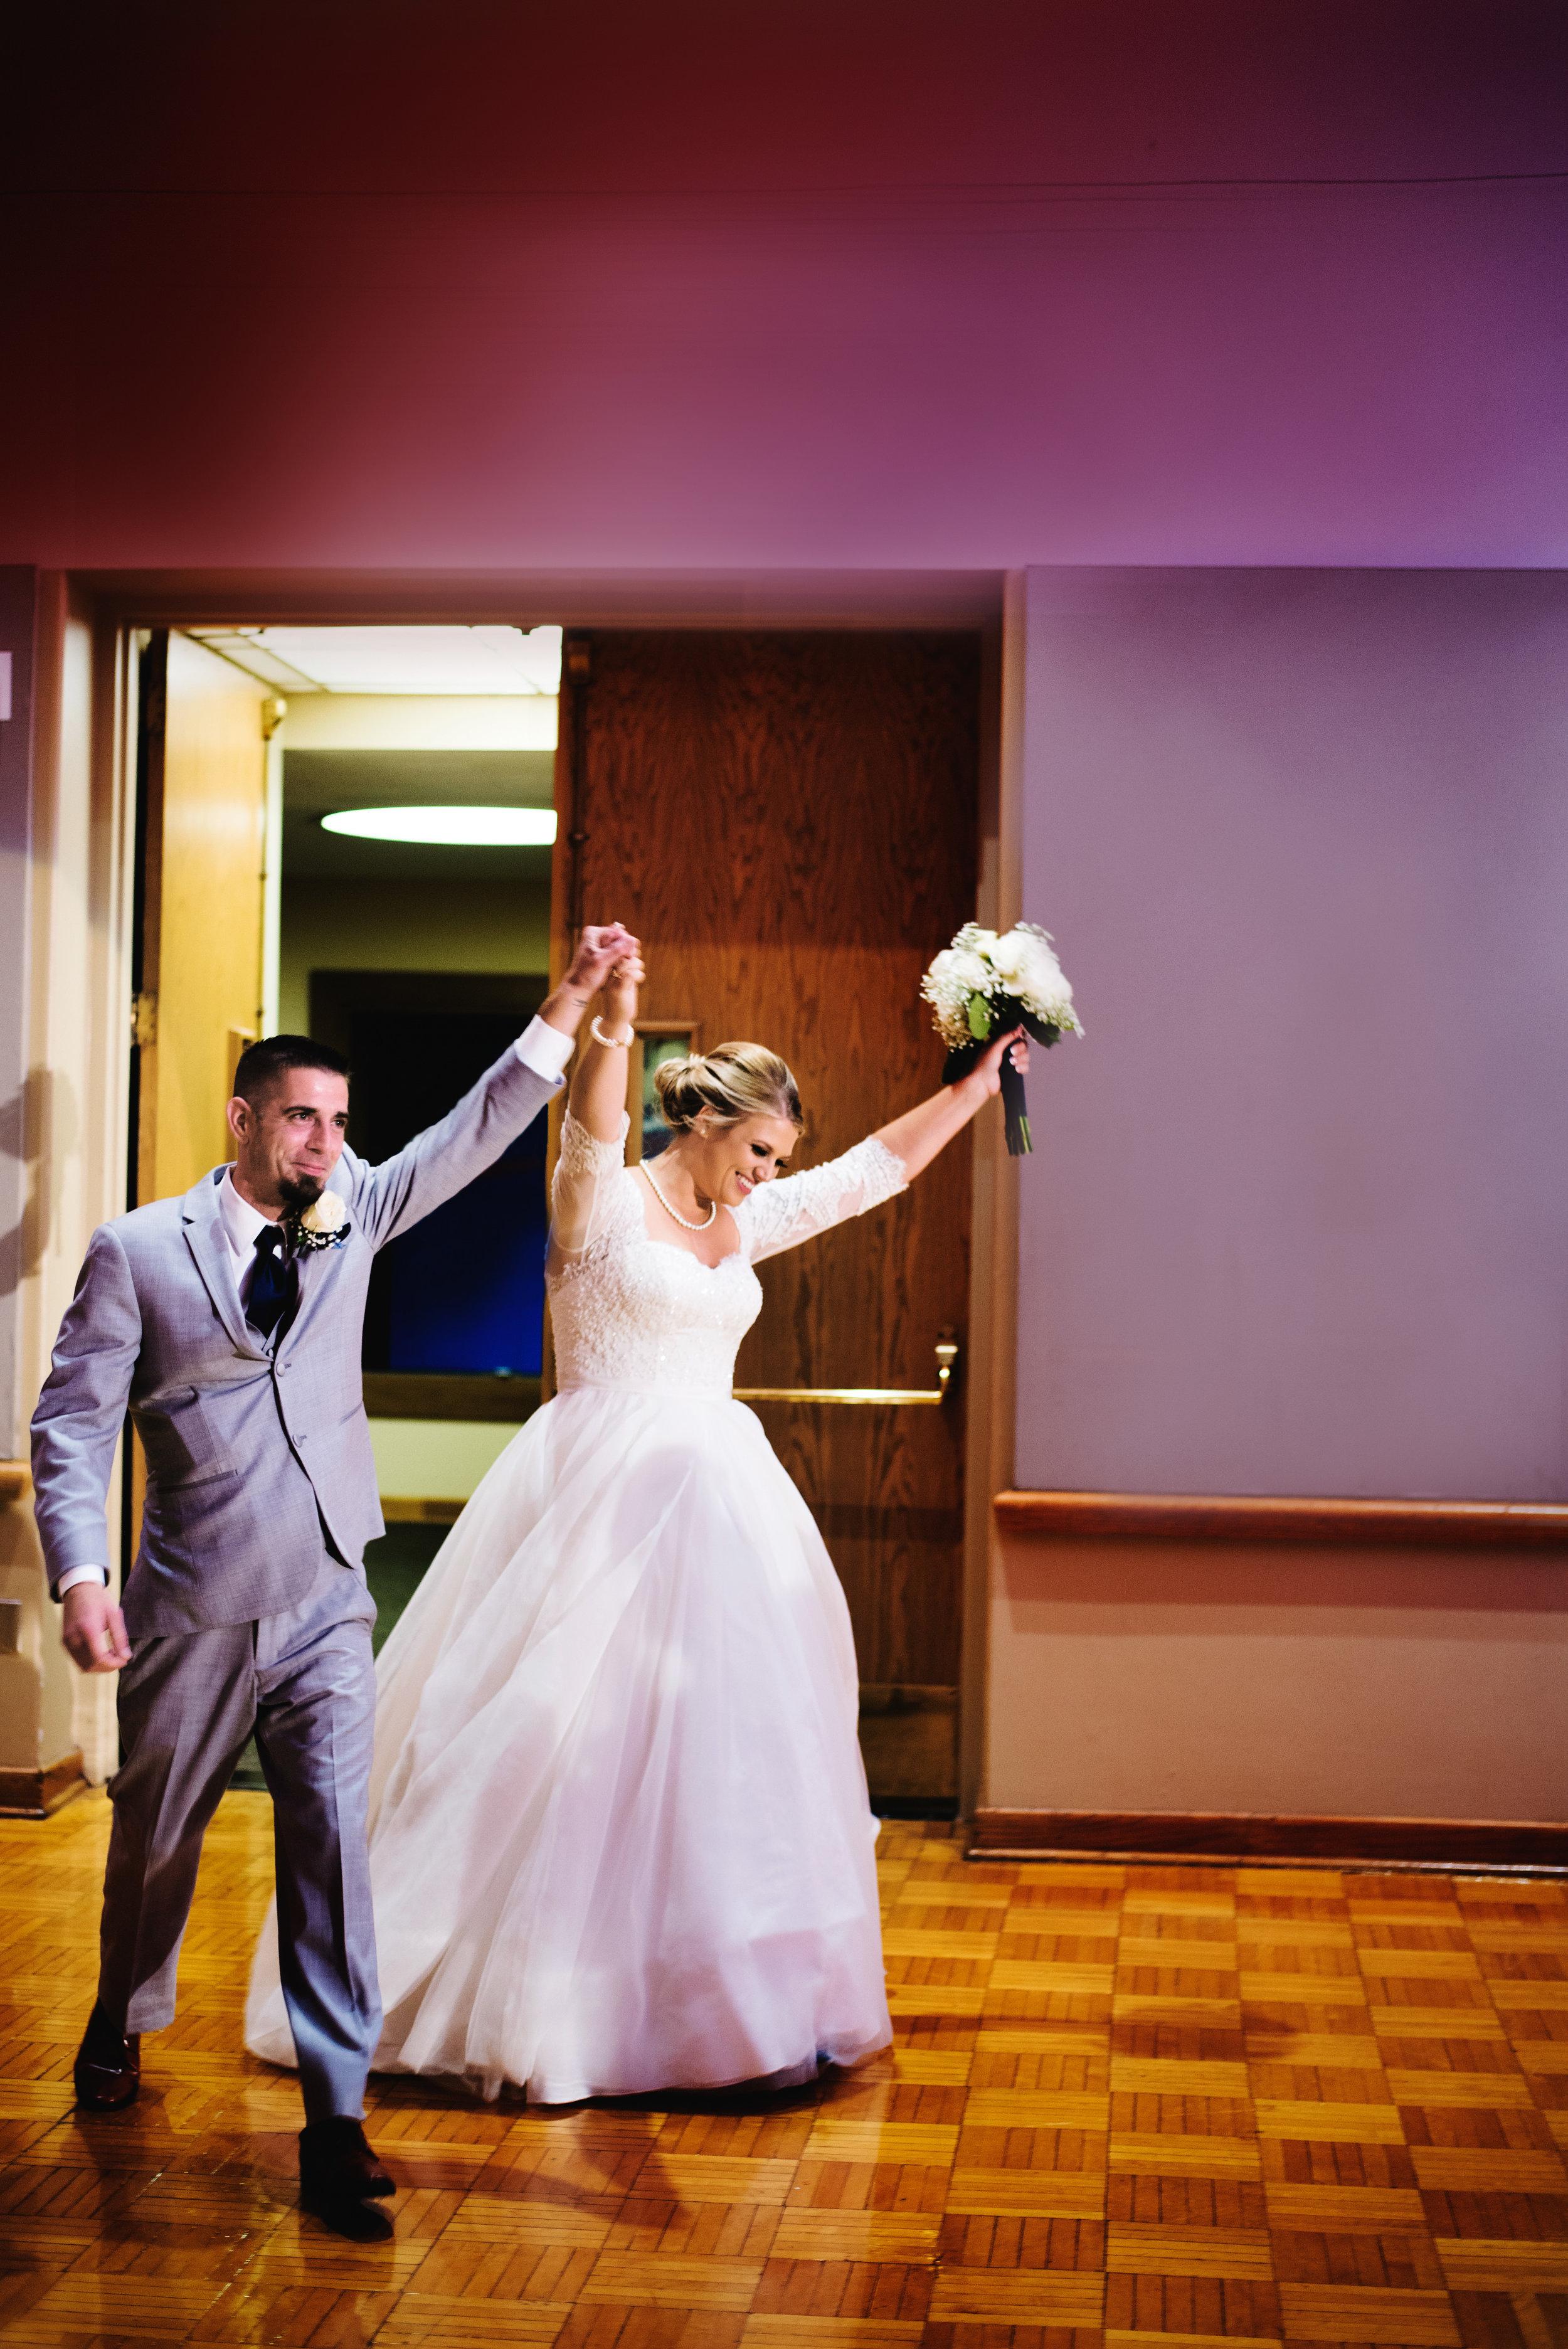 King-Northern-Illinois-University-Wedding097.jpg